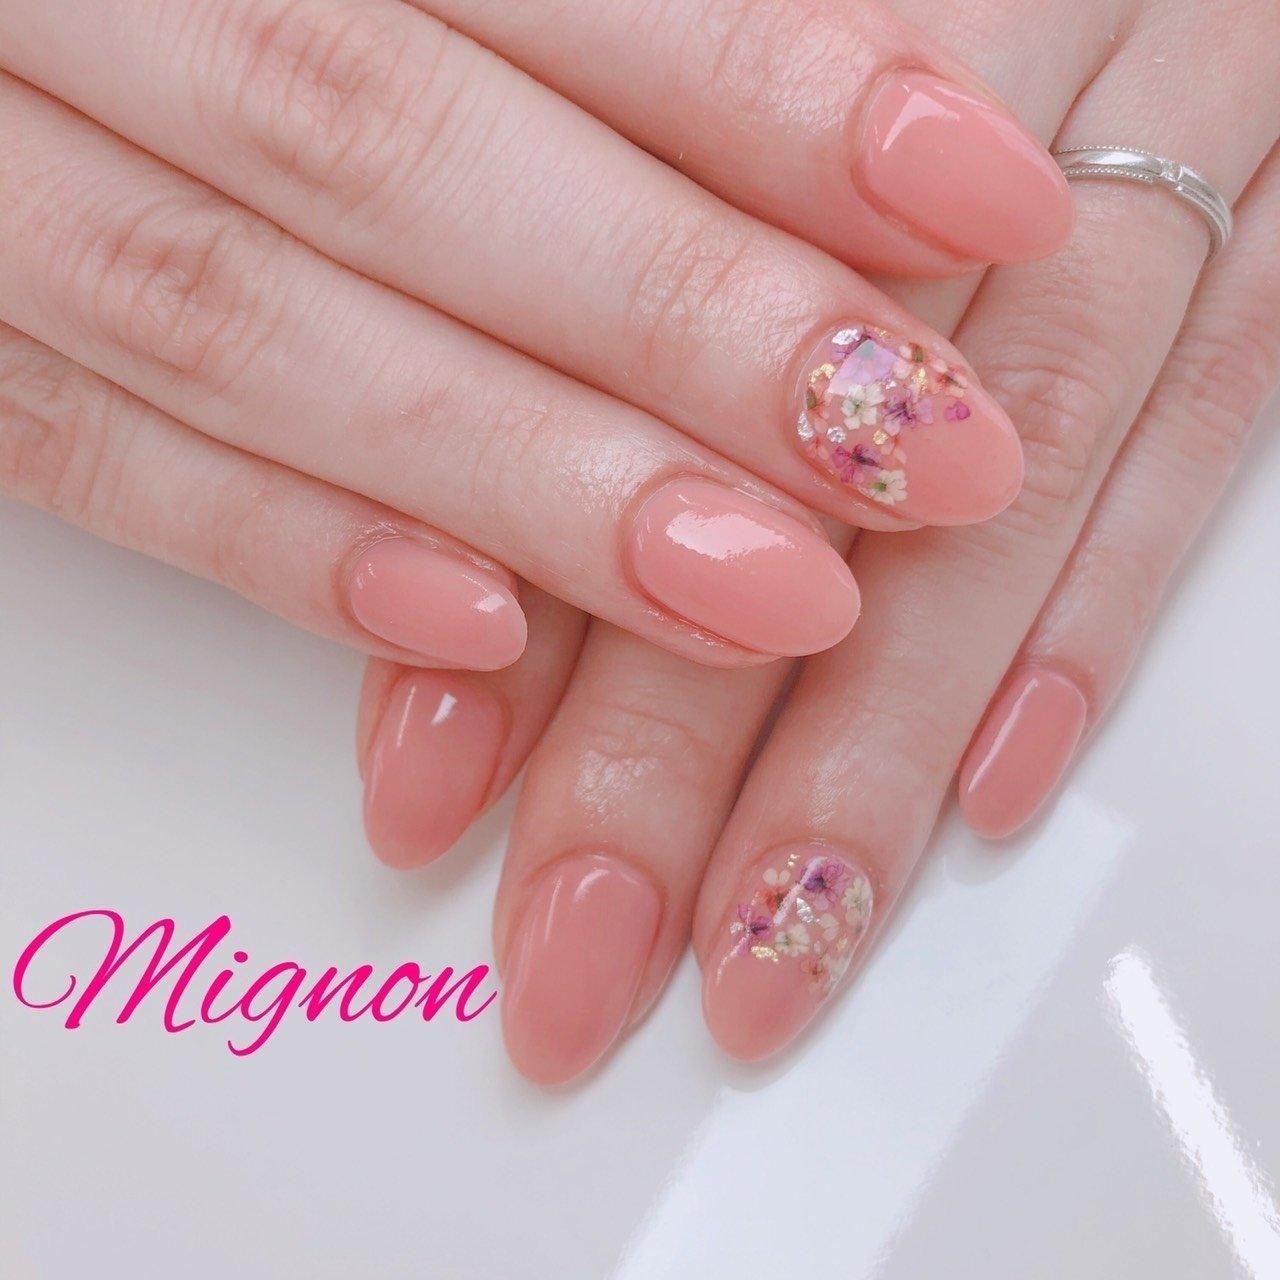 ワンカラーに人気の押し花を根本から🌸 カラーもお花も可愛いです💓 #春 #オールシーズン #デート #女子会 #ハンド #シンプル #ワンカラー #押し花 #ピンク #ジェル #Mignon #ネイルブック